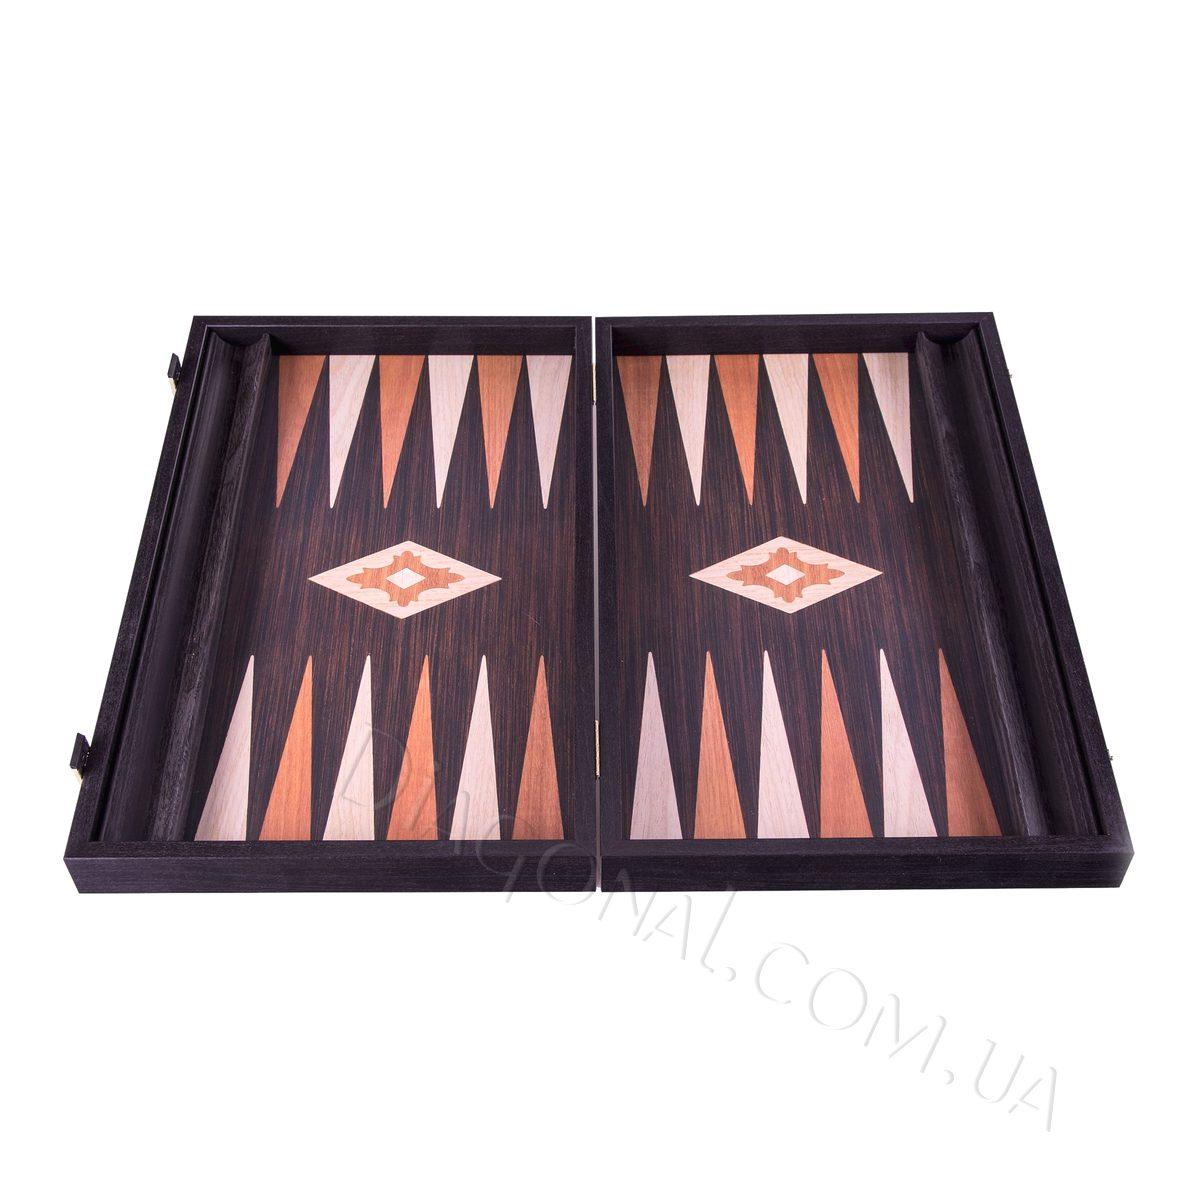 Нарды уникального дизайна орех дуб 48x30 см